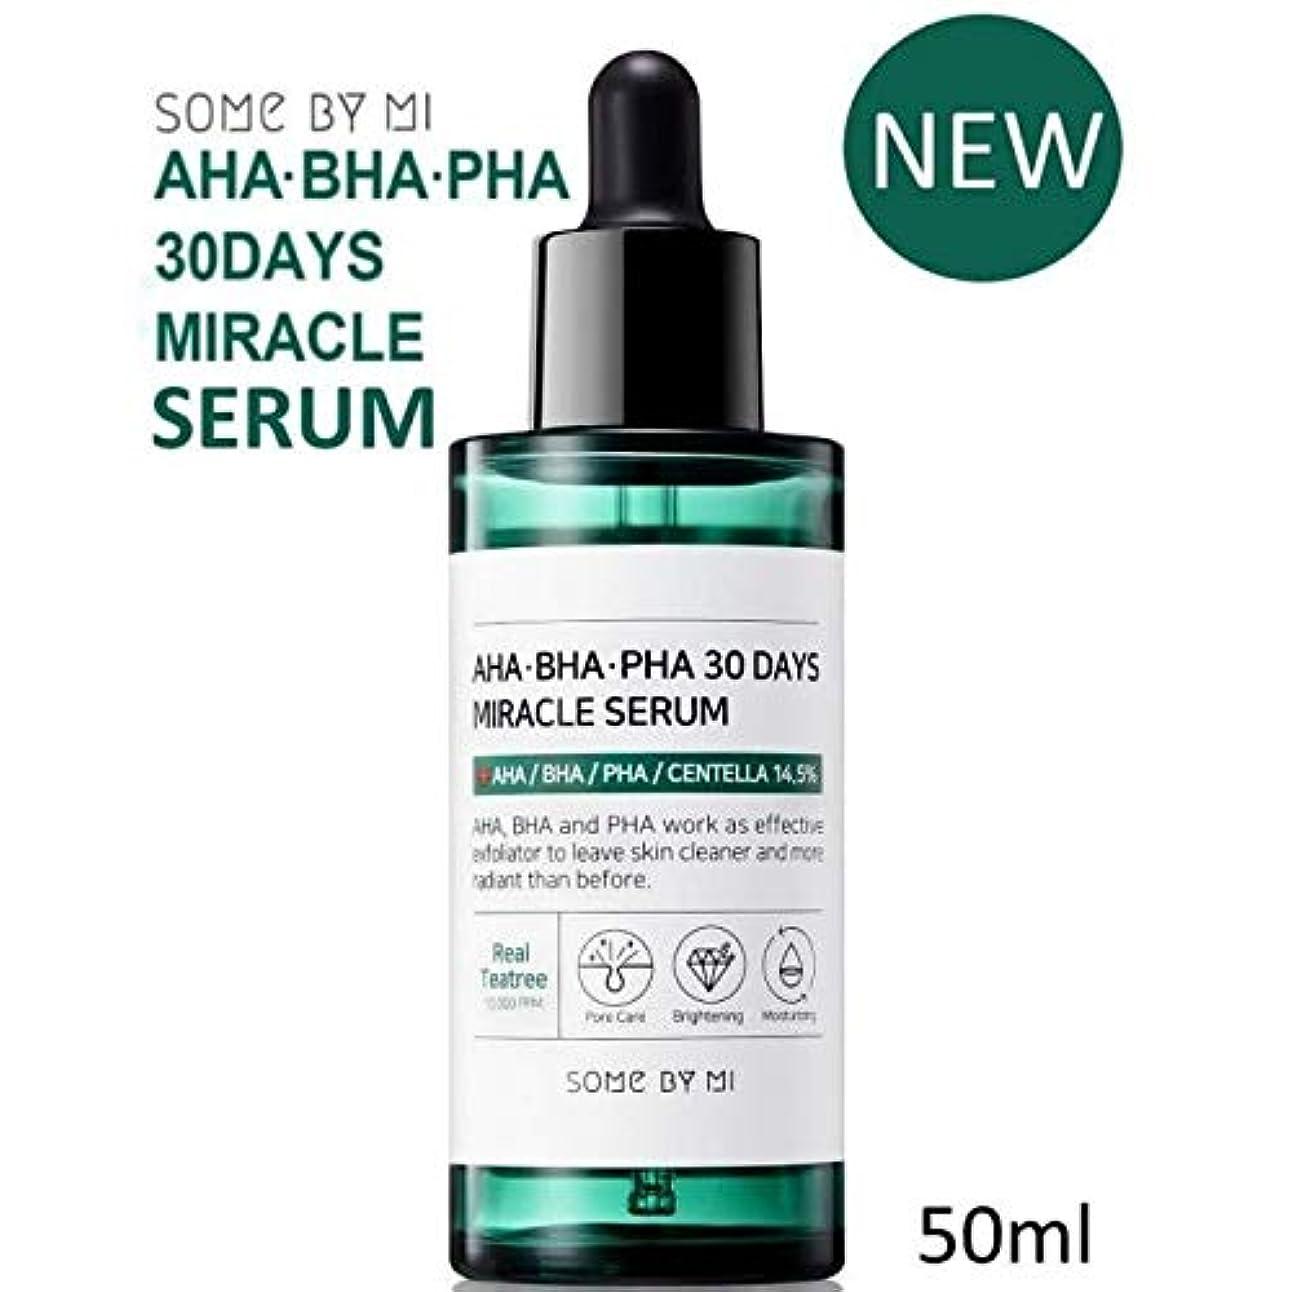 バルクこする懇願する[Somebymi] AHA BHA PHA 30Days Miracle Serum 50ml/Korea Cosmetic